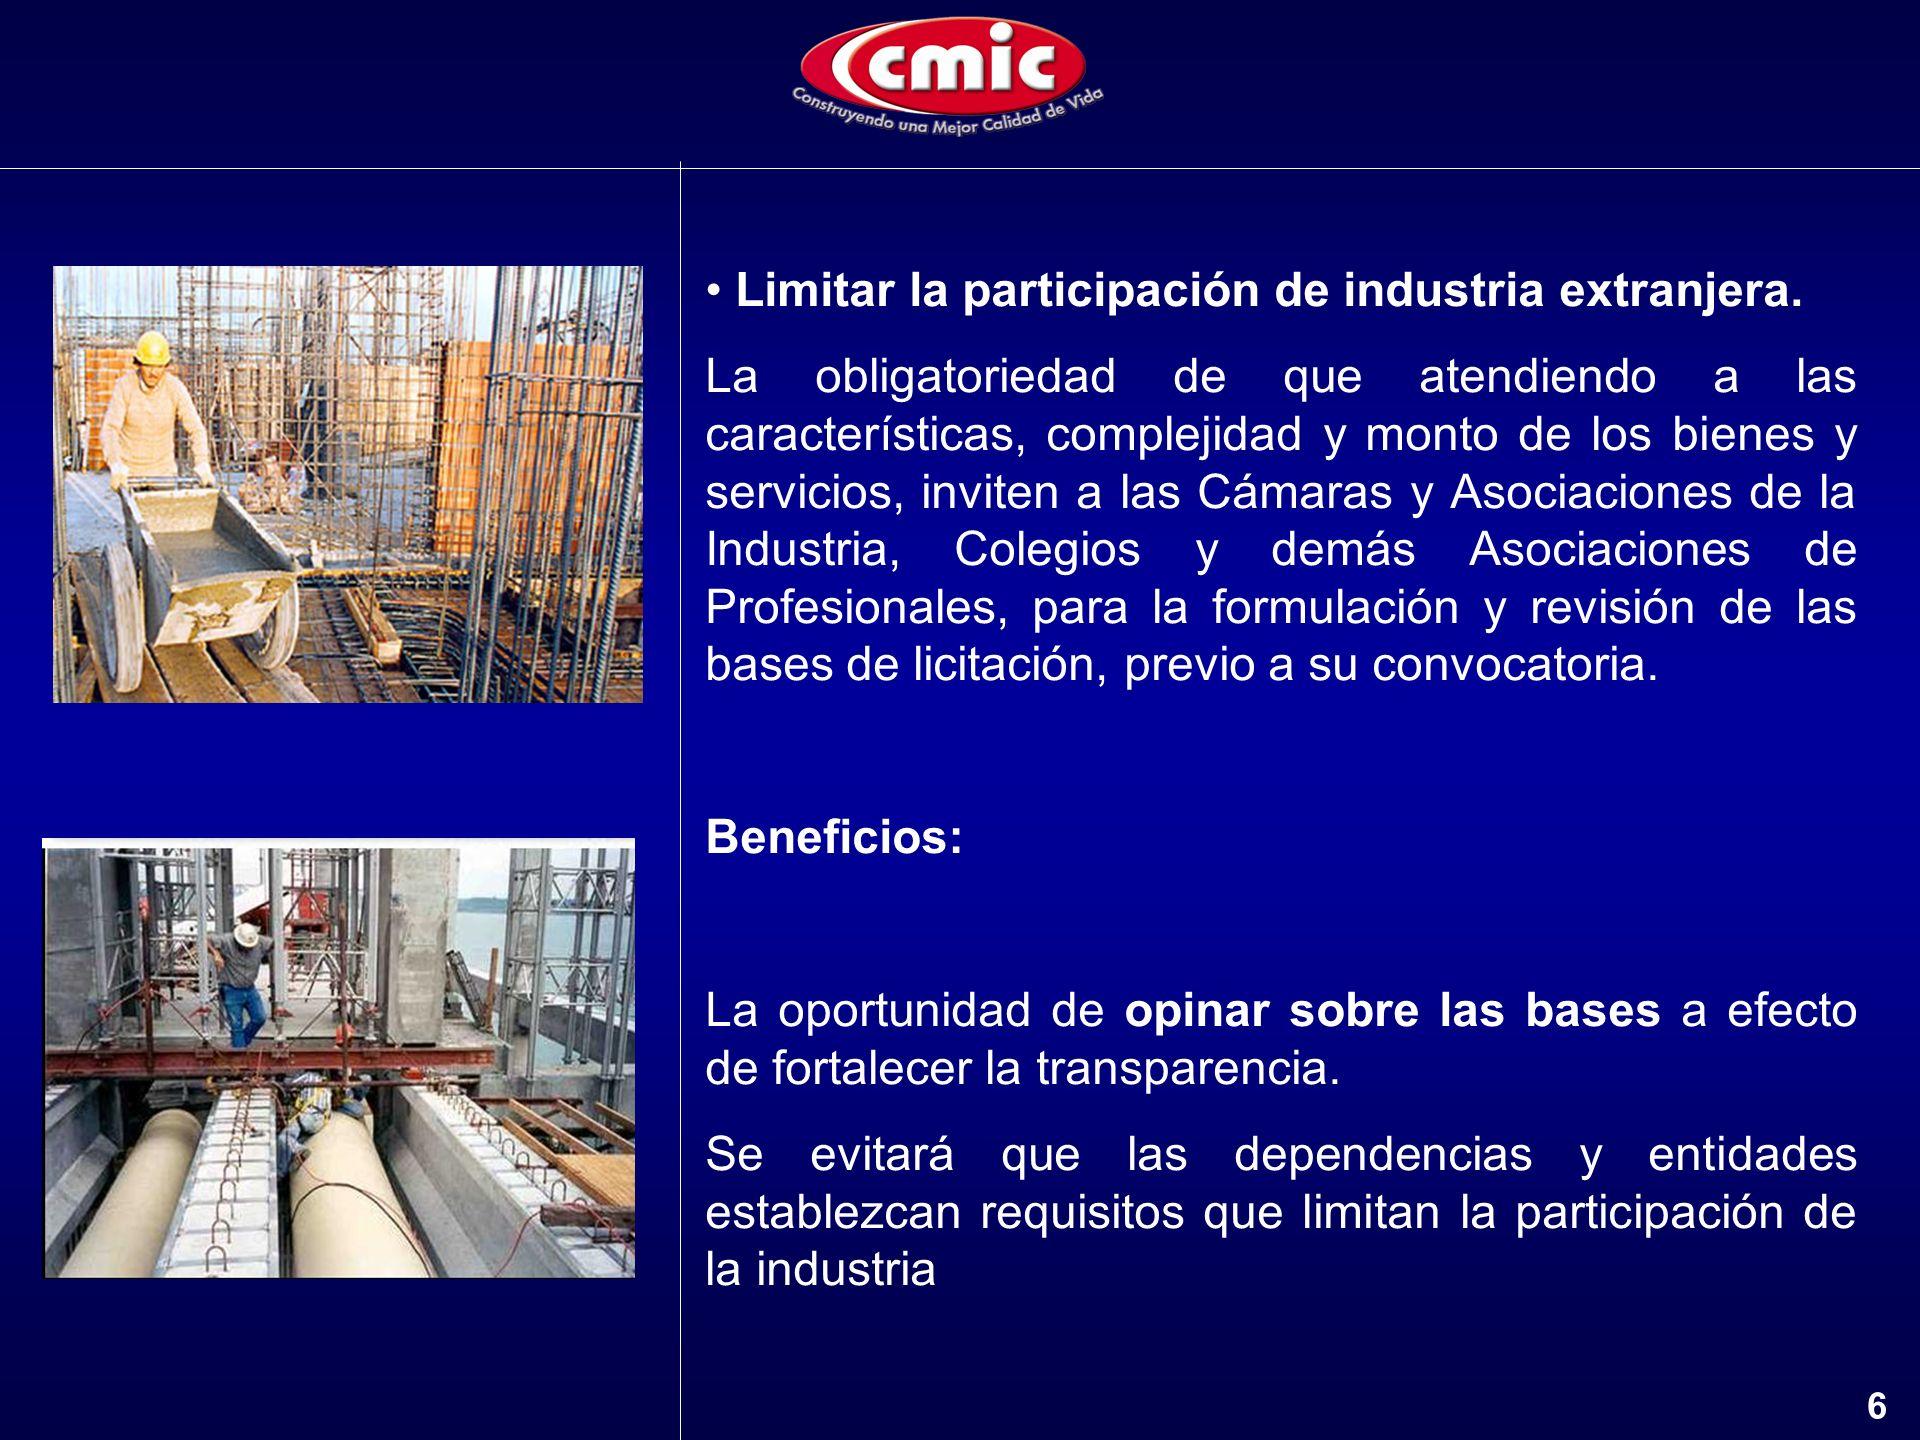 Limitar la participación de industria extranjera.